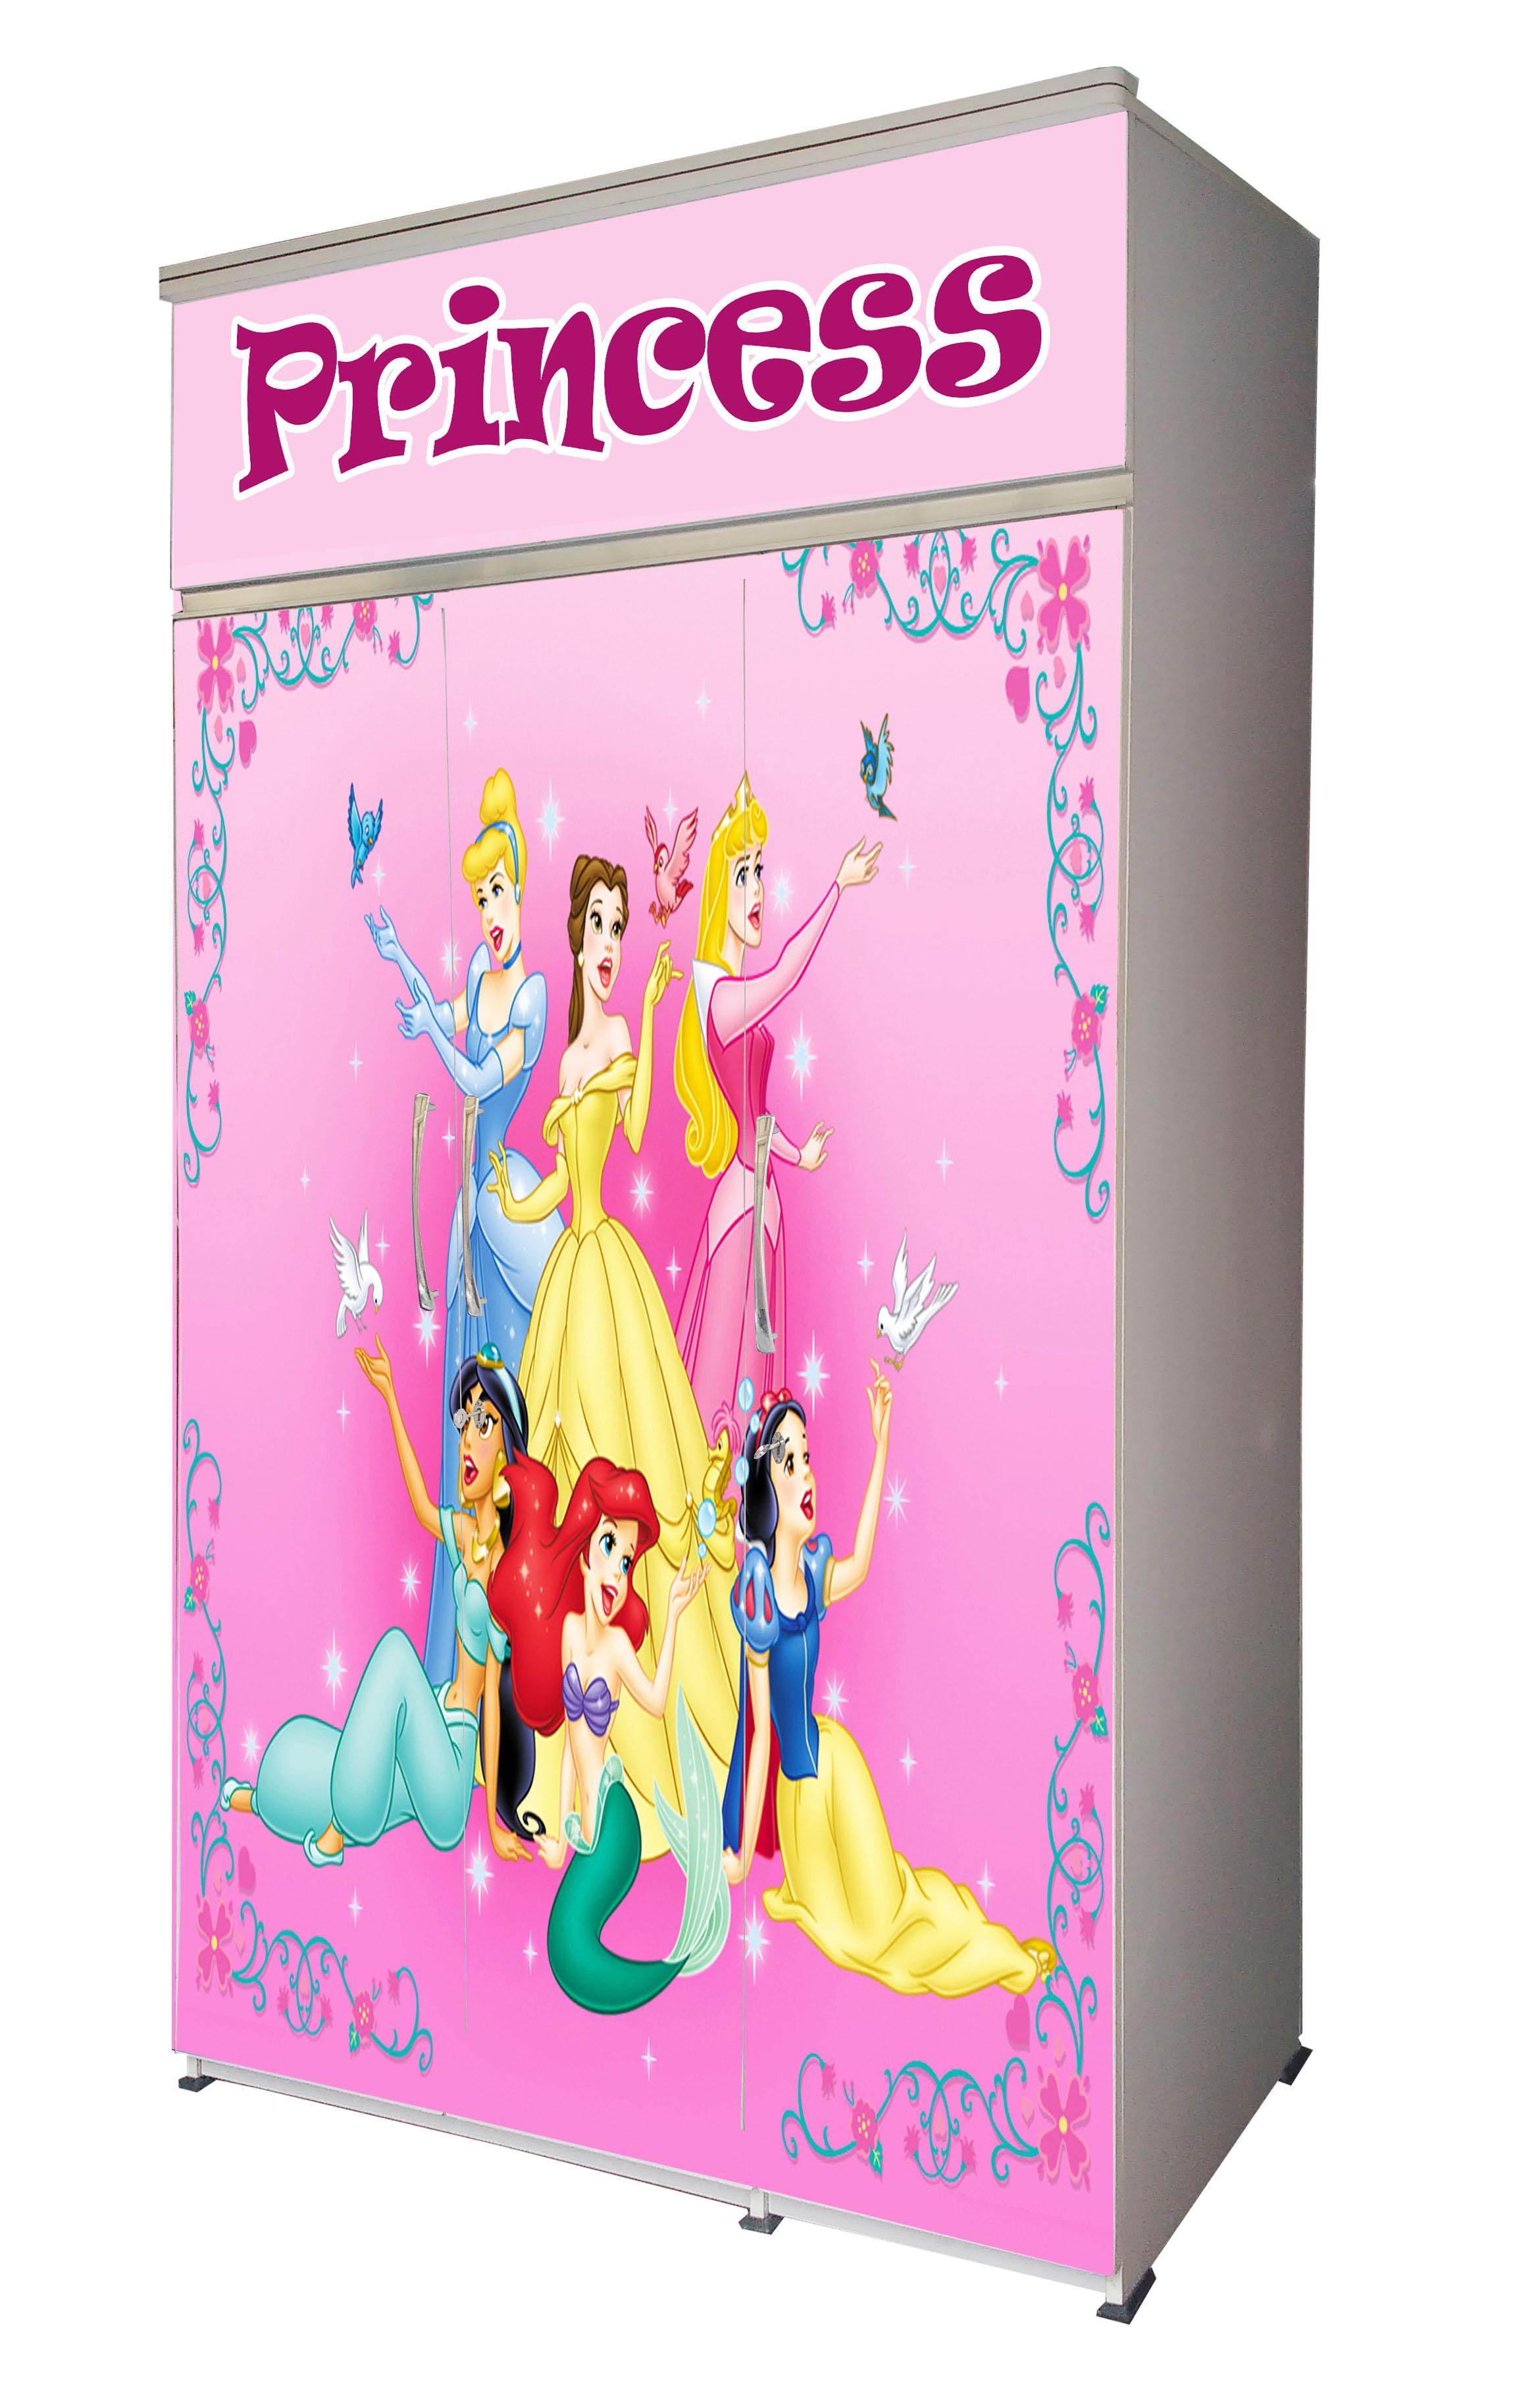 BS-3D-49 - Pink Princess-B